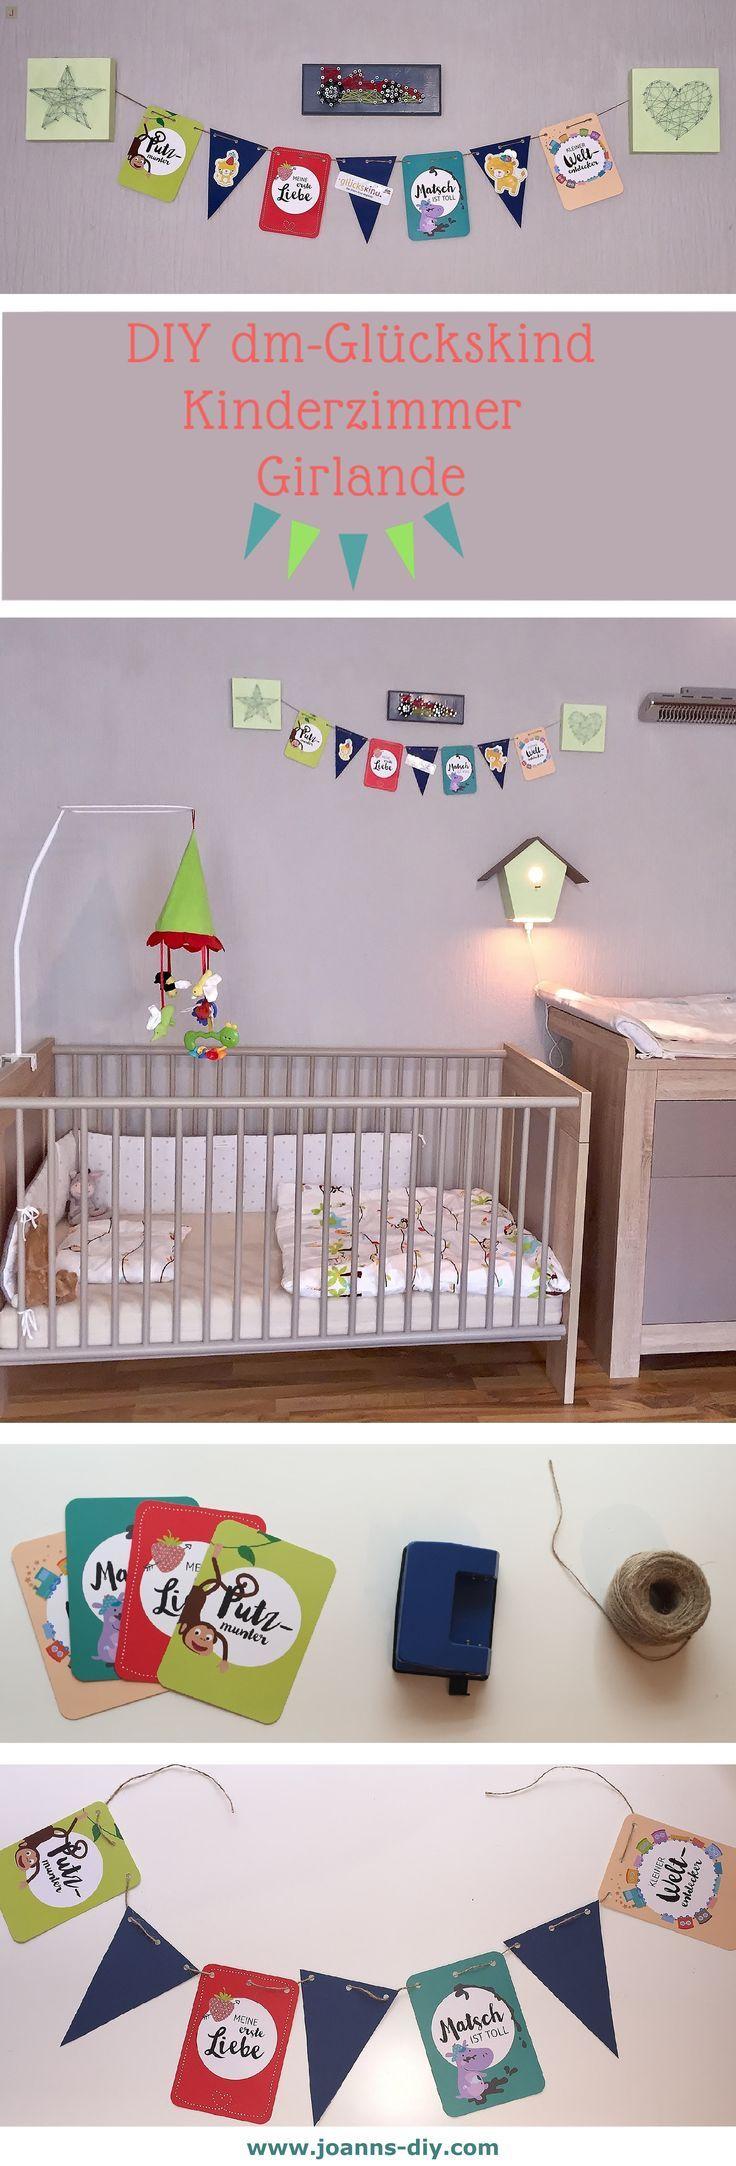 die besten 25 wanddeko selber machen ideen auf pinterest wanddeko selbstgemacht. Black Bedroom Furniture Sets. Home Design Ideas